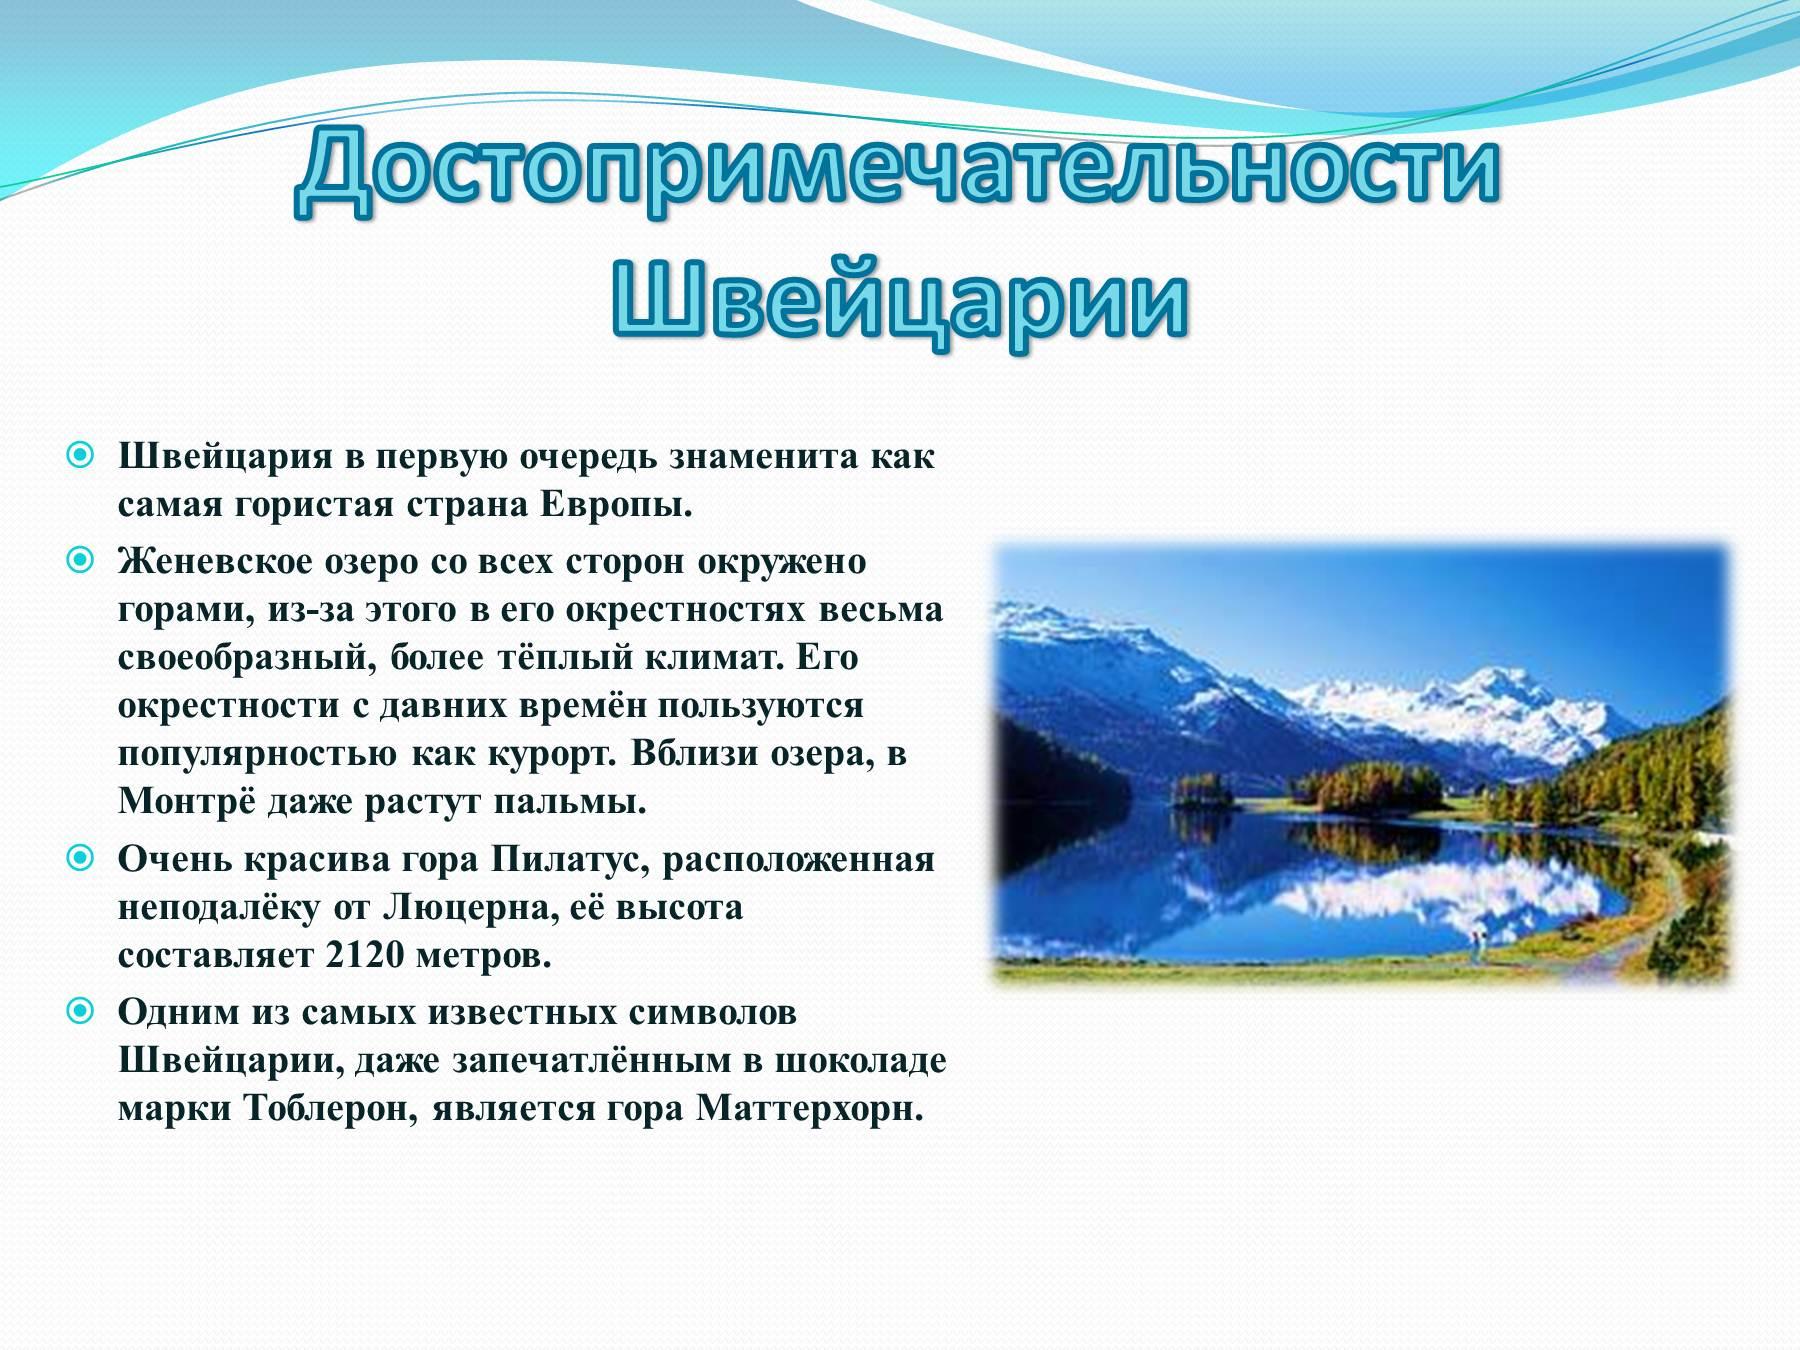 Европа • Форум Винского - forum.awd.ru